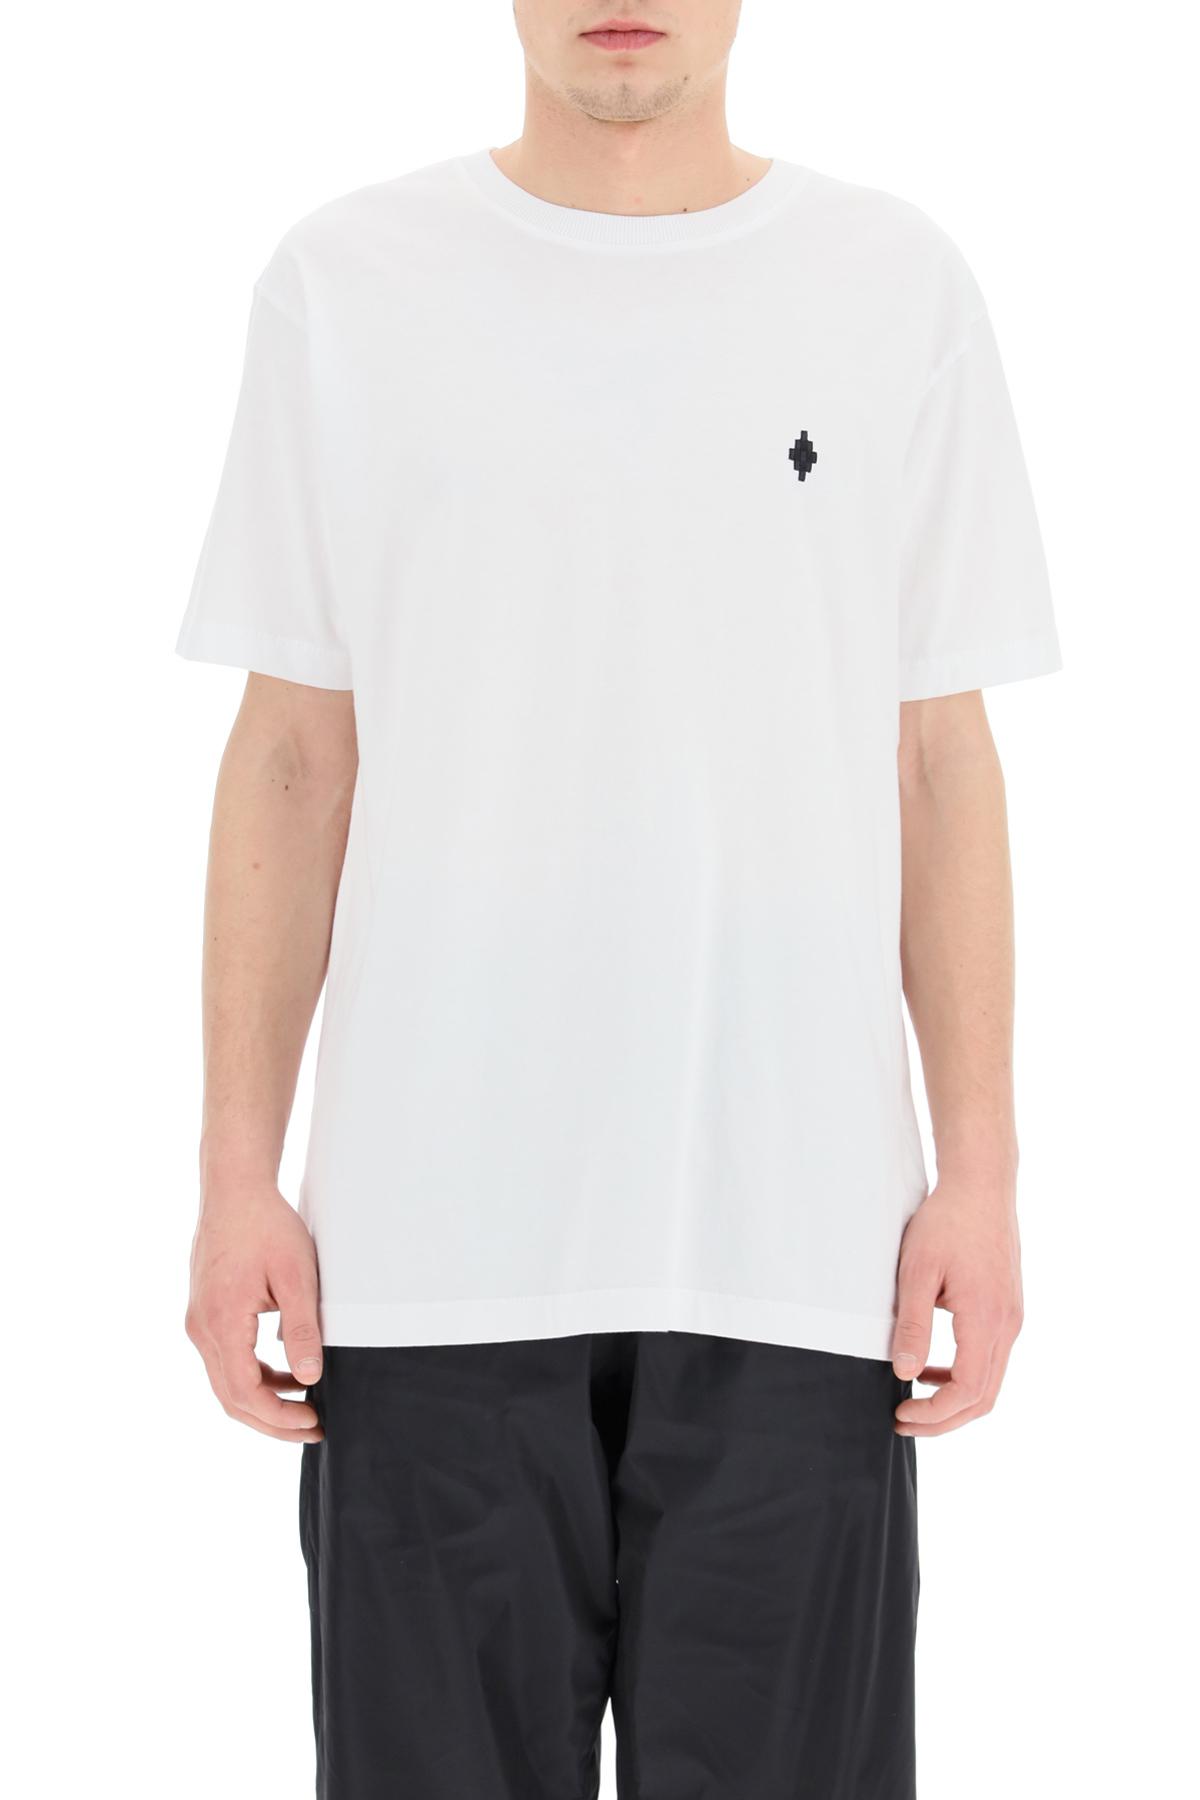 Marcelo burlon t-shirt con ricamo fire cross